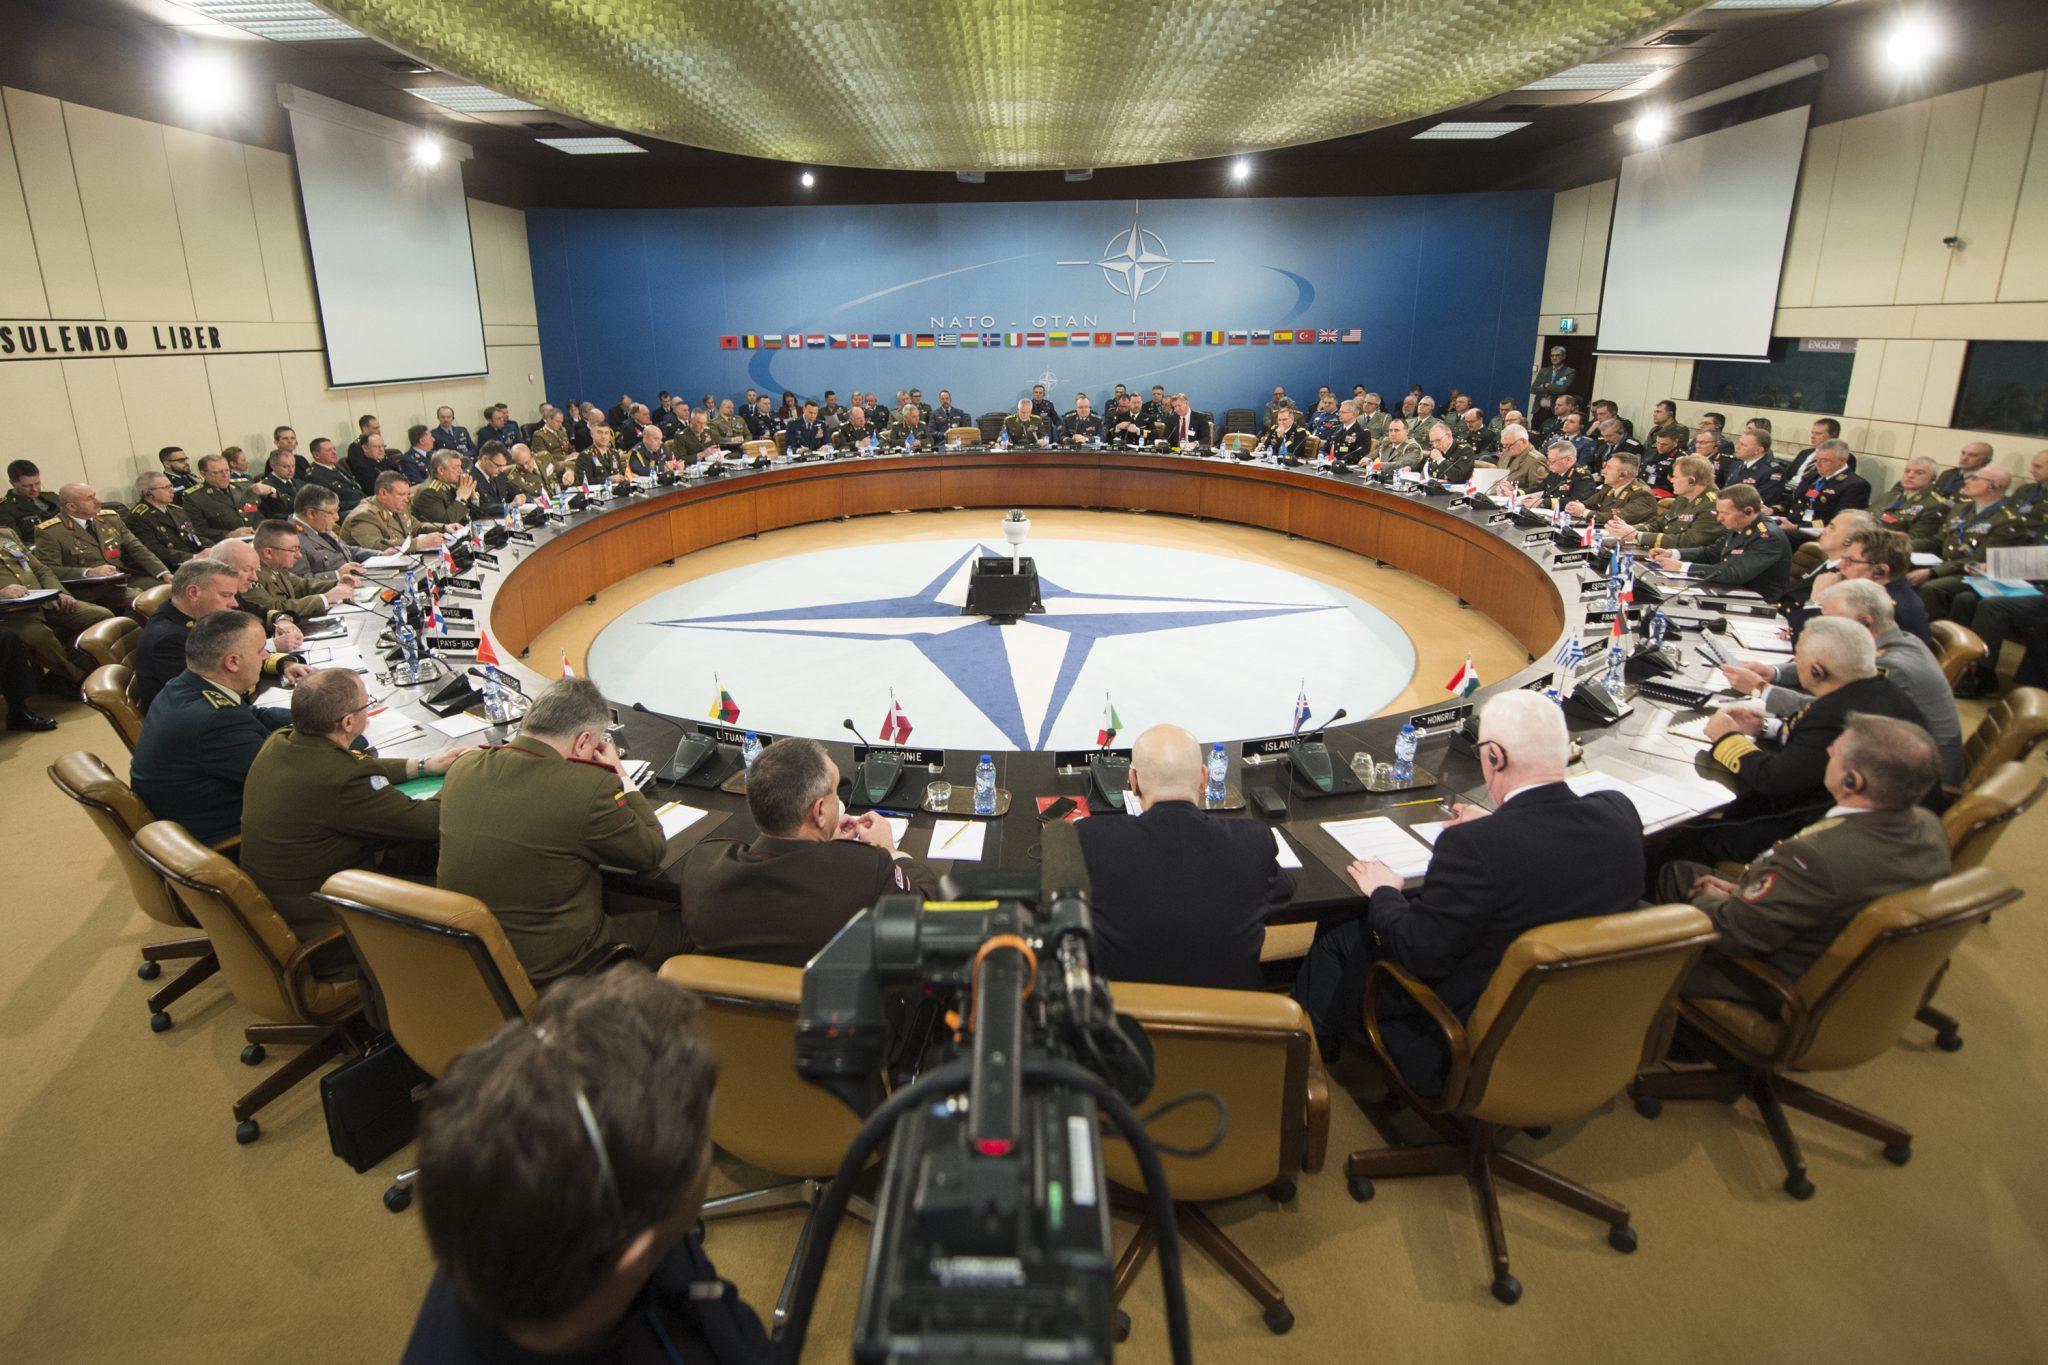 Nato Conference Room